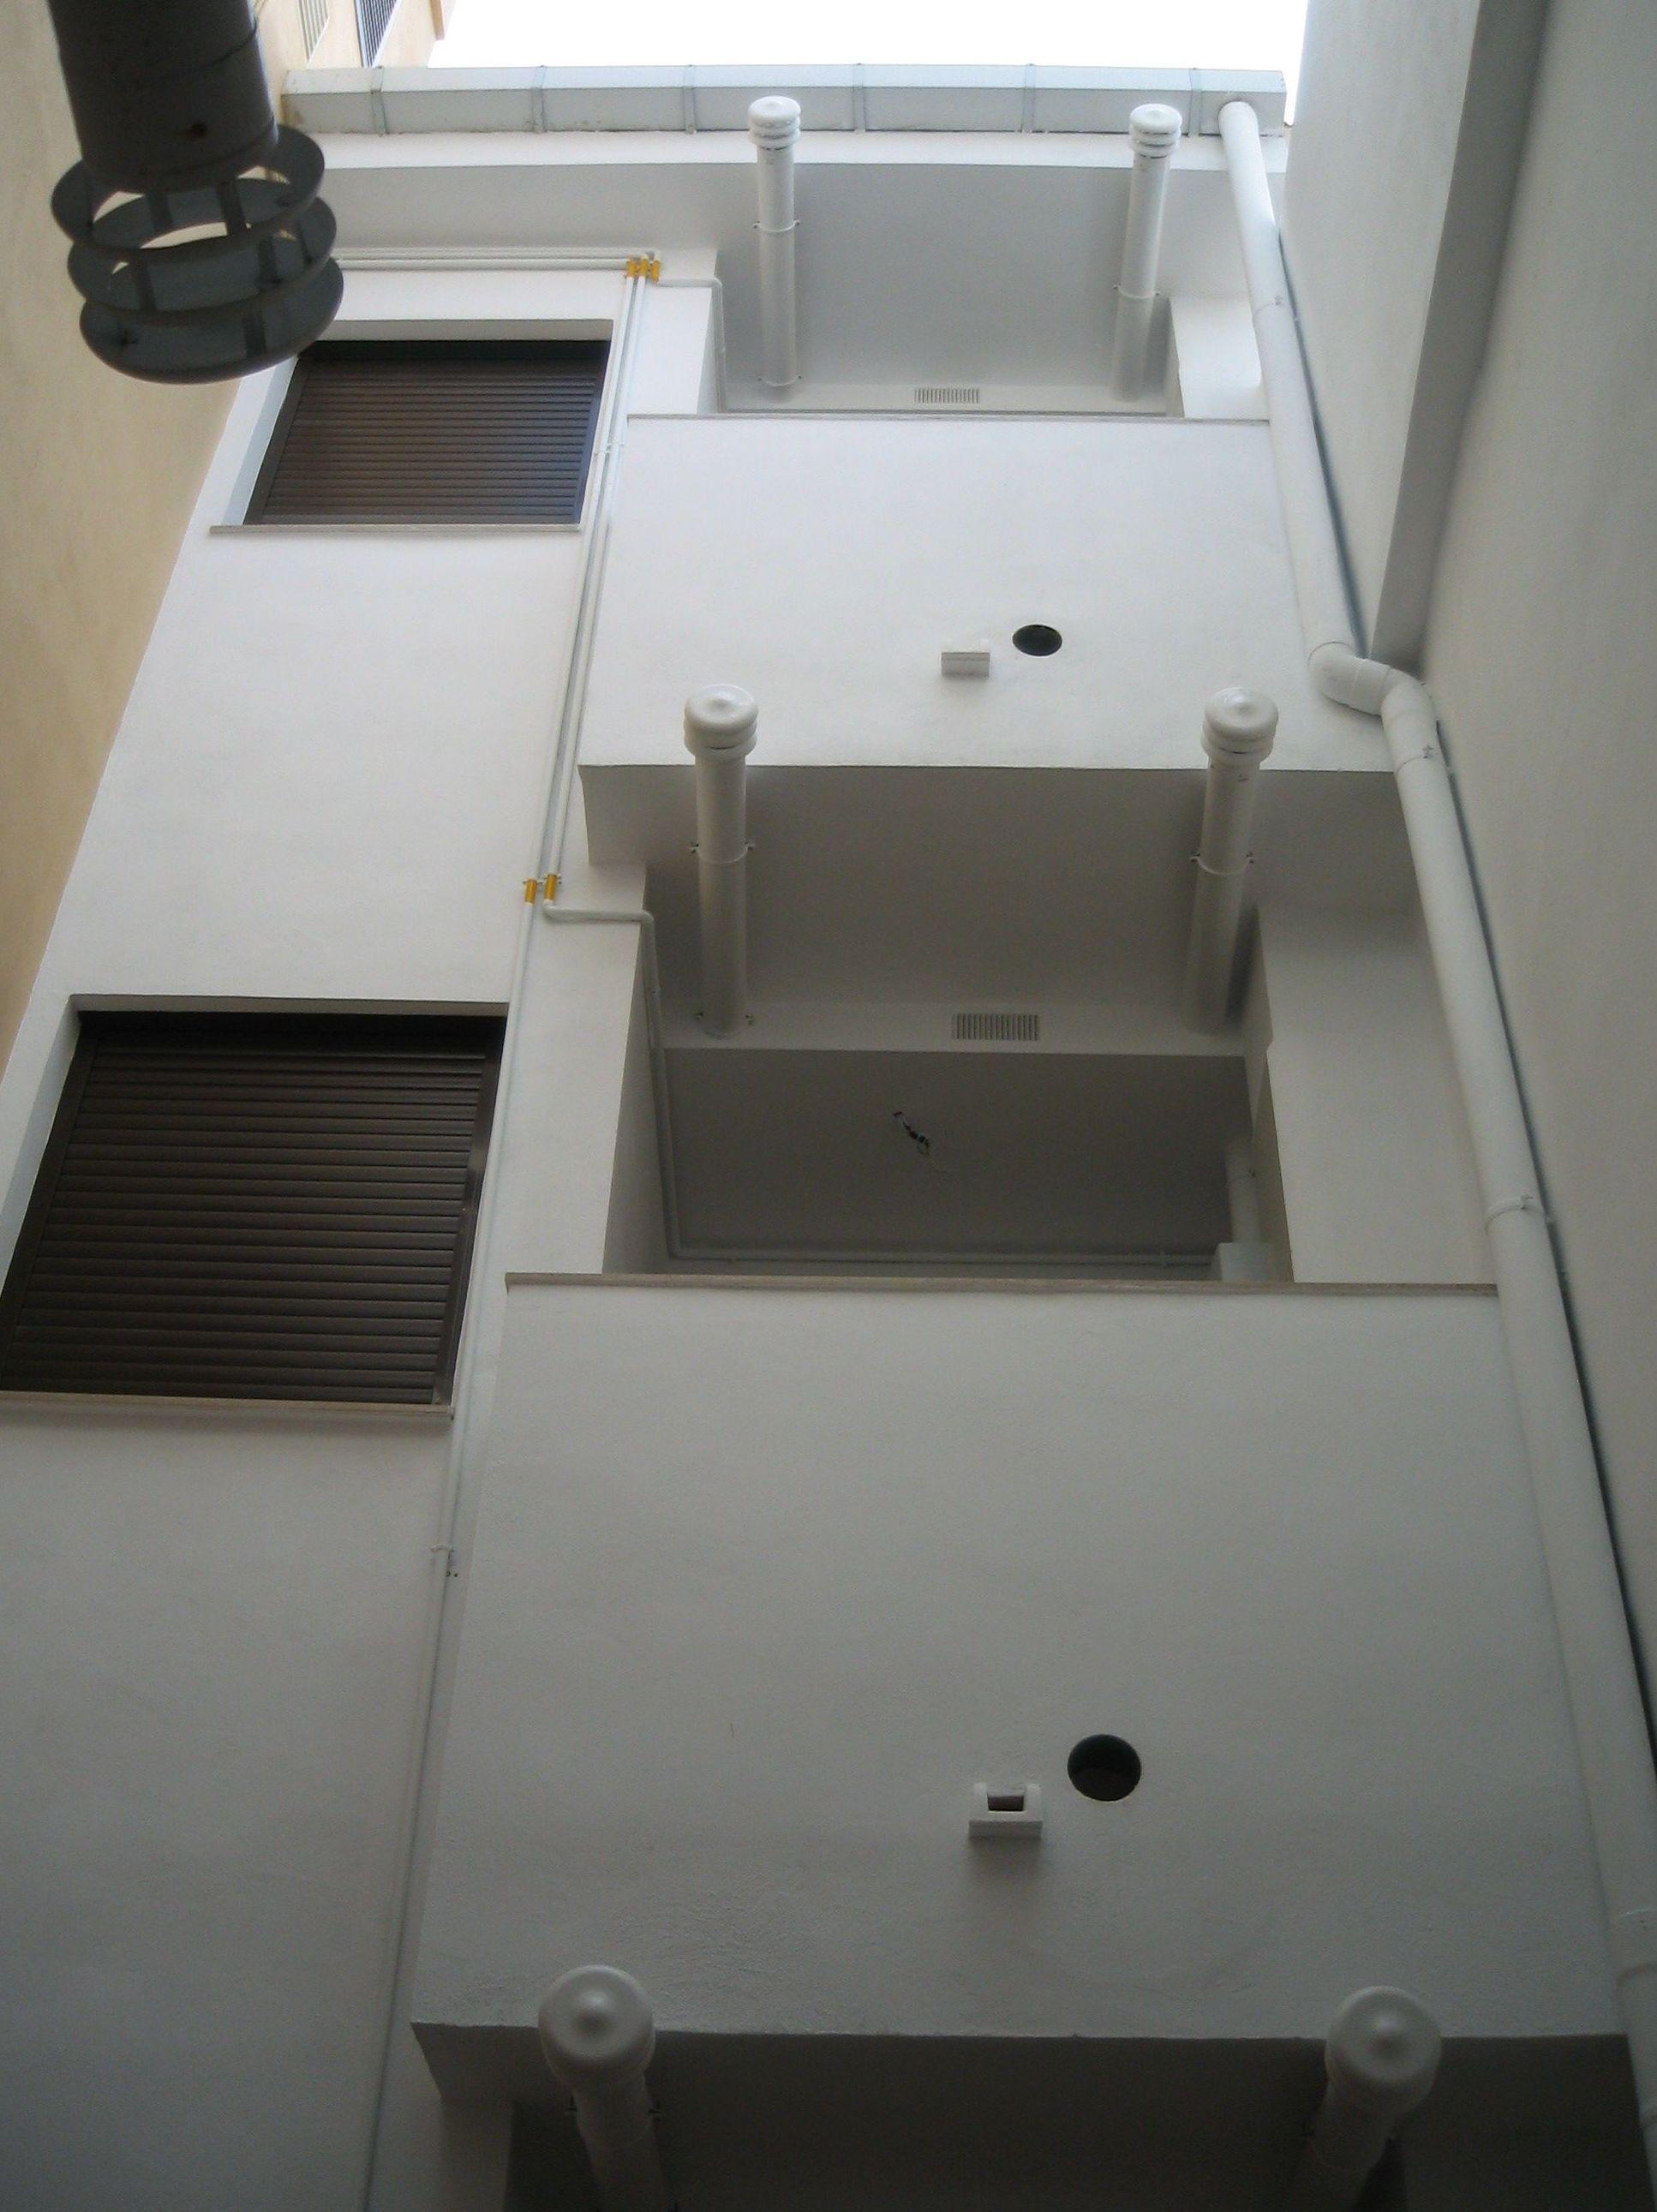 Patio de luces donde se puede ver la instalación de bajantes y la de extracción de humos en cocinas.